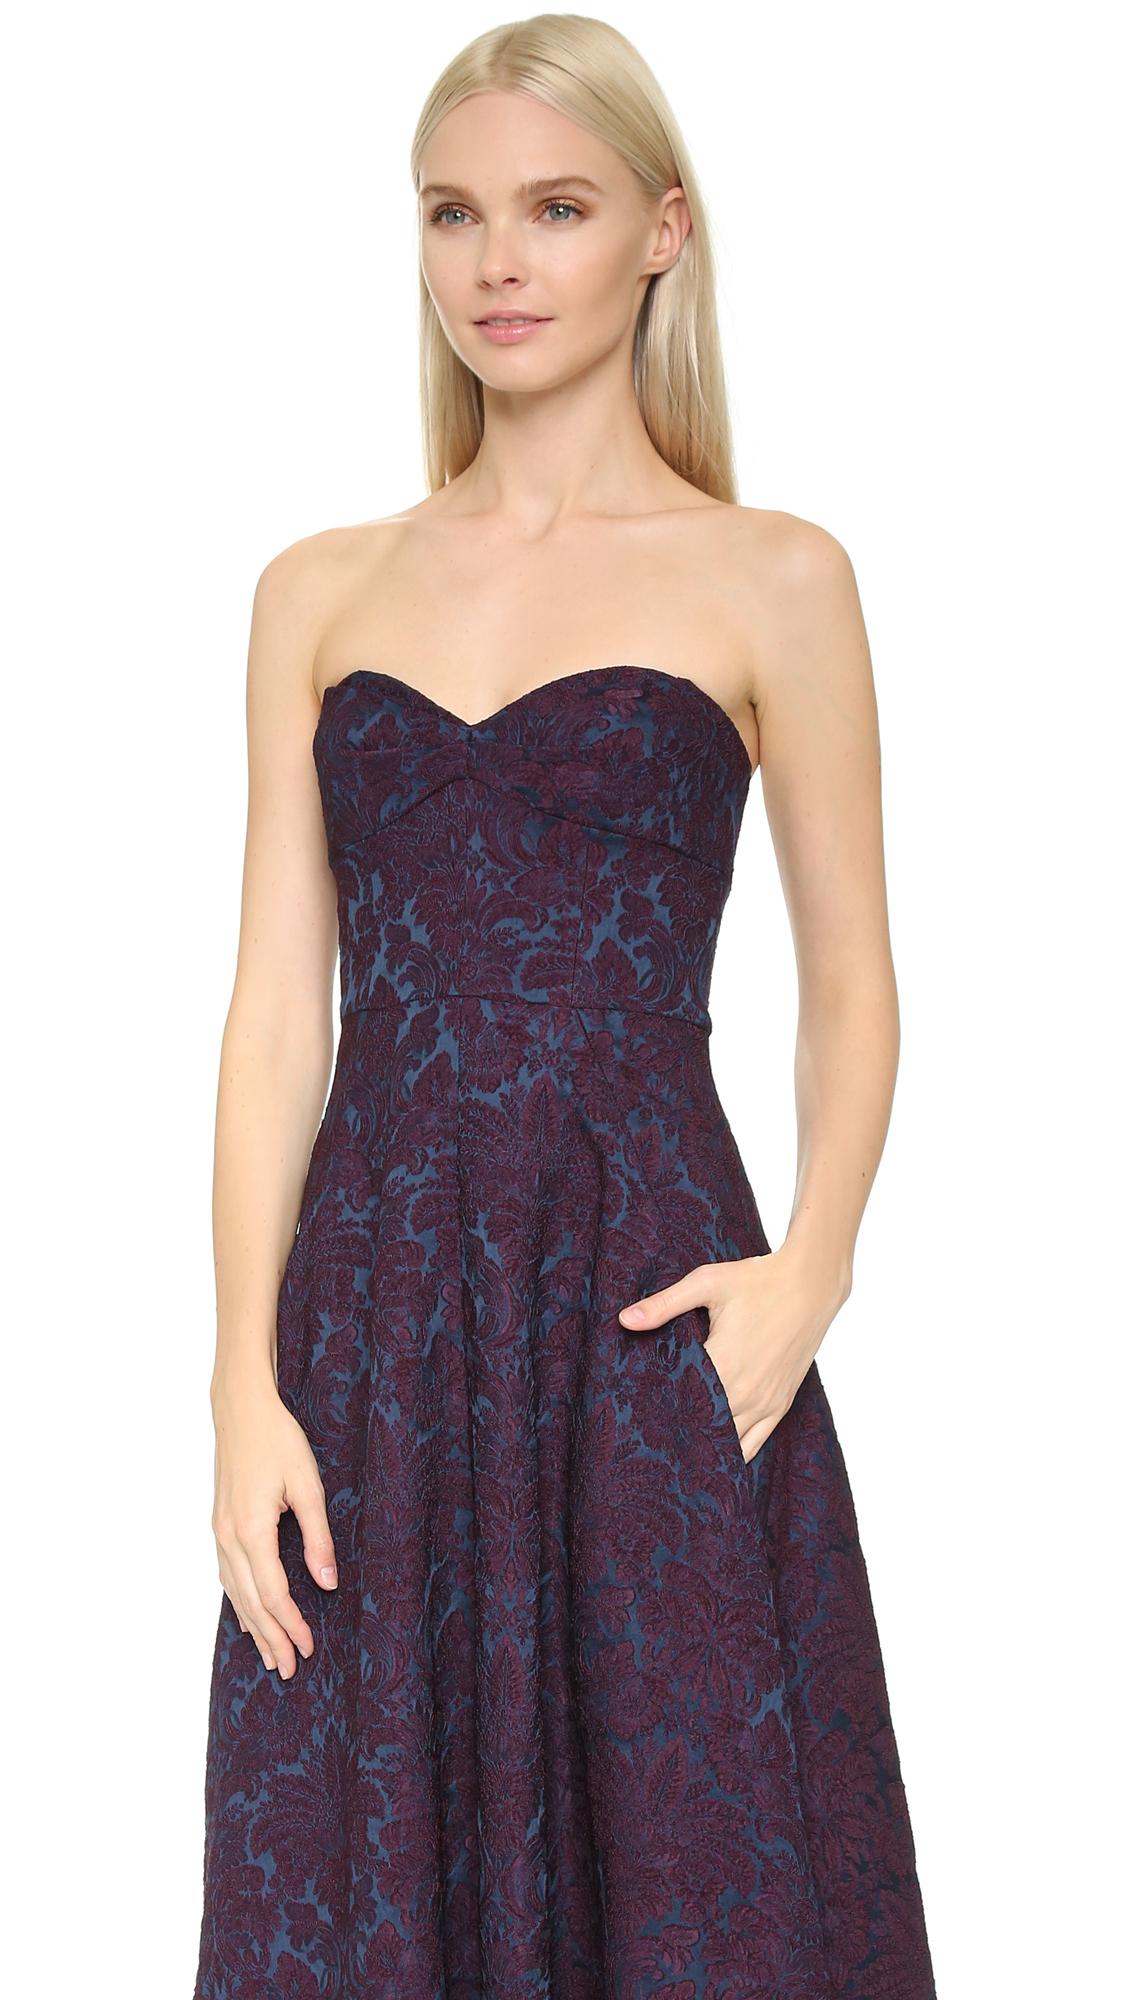 0039ae089c3c Turmec » jill jill stuart floral strapless dress